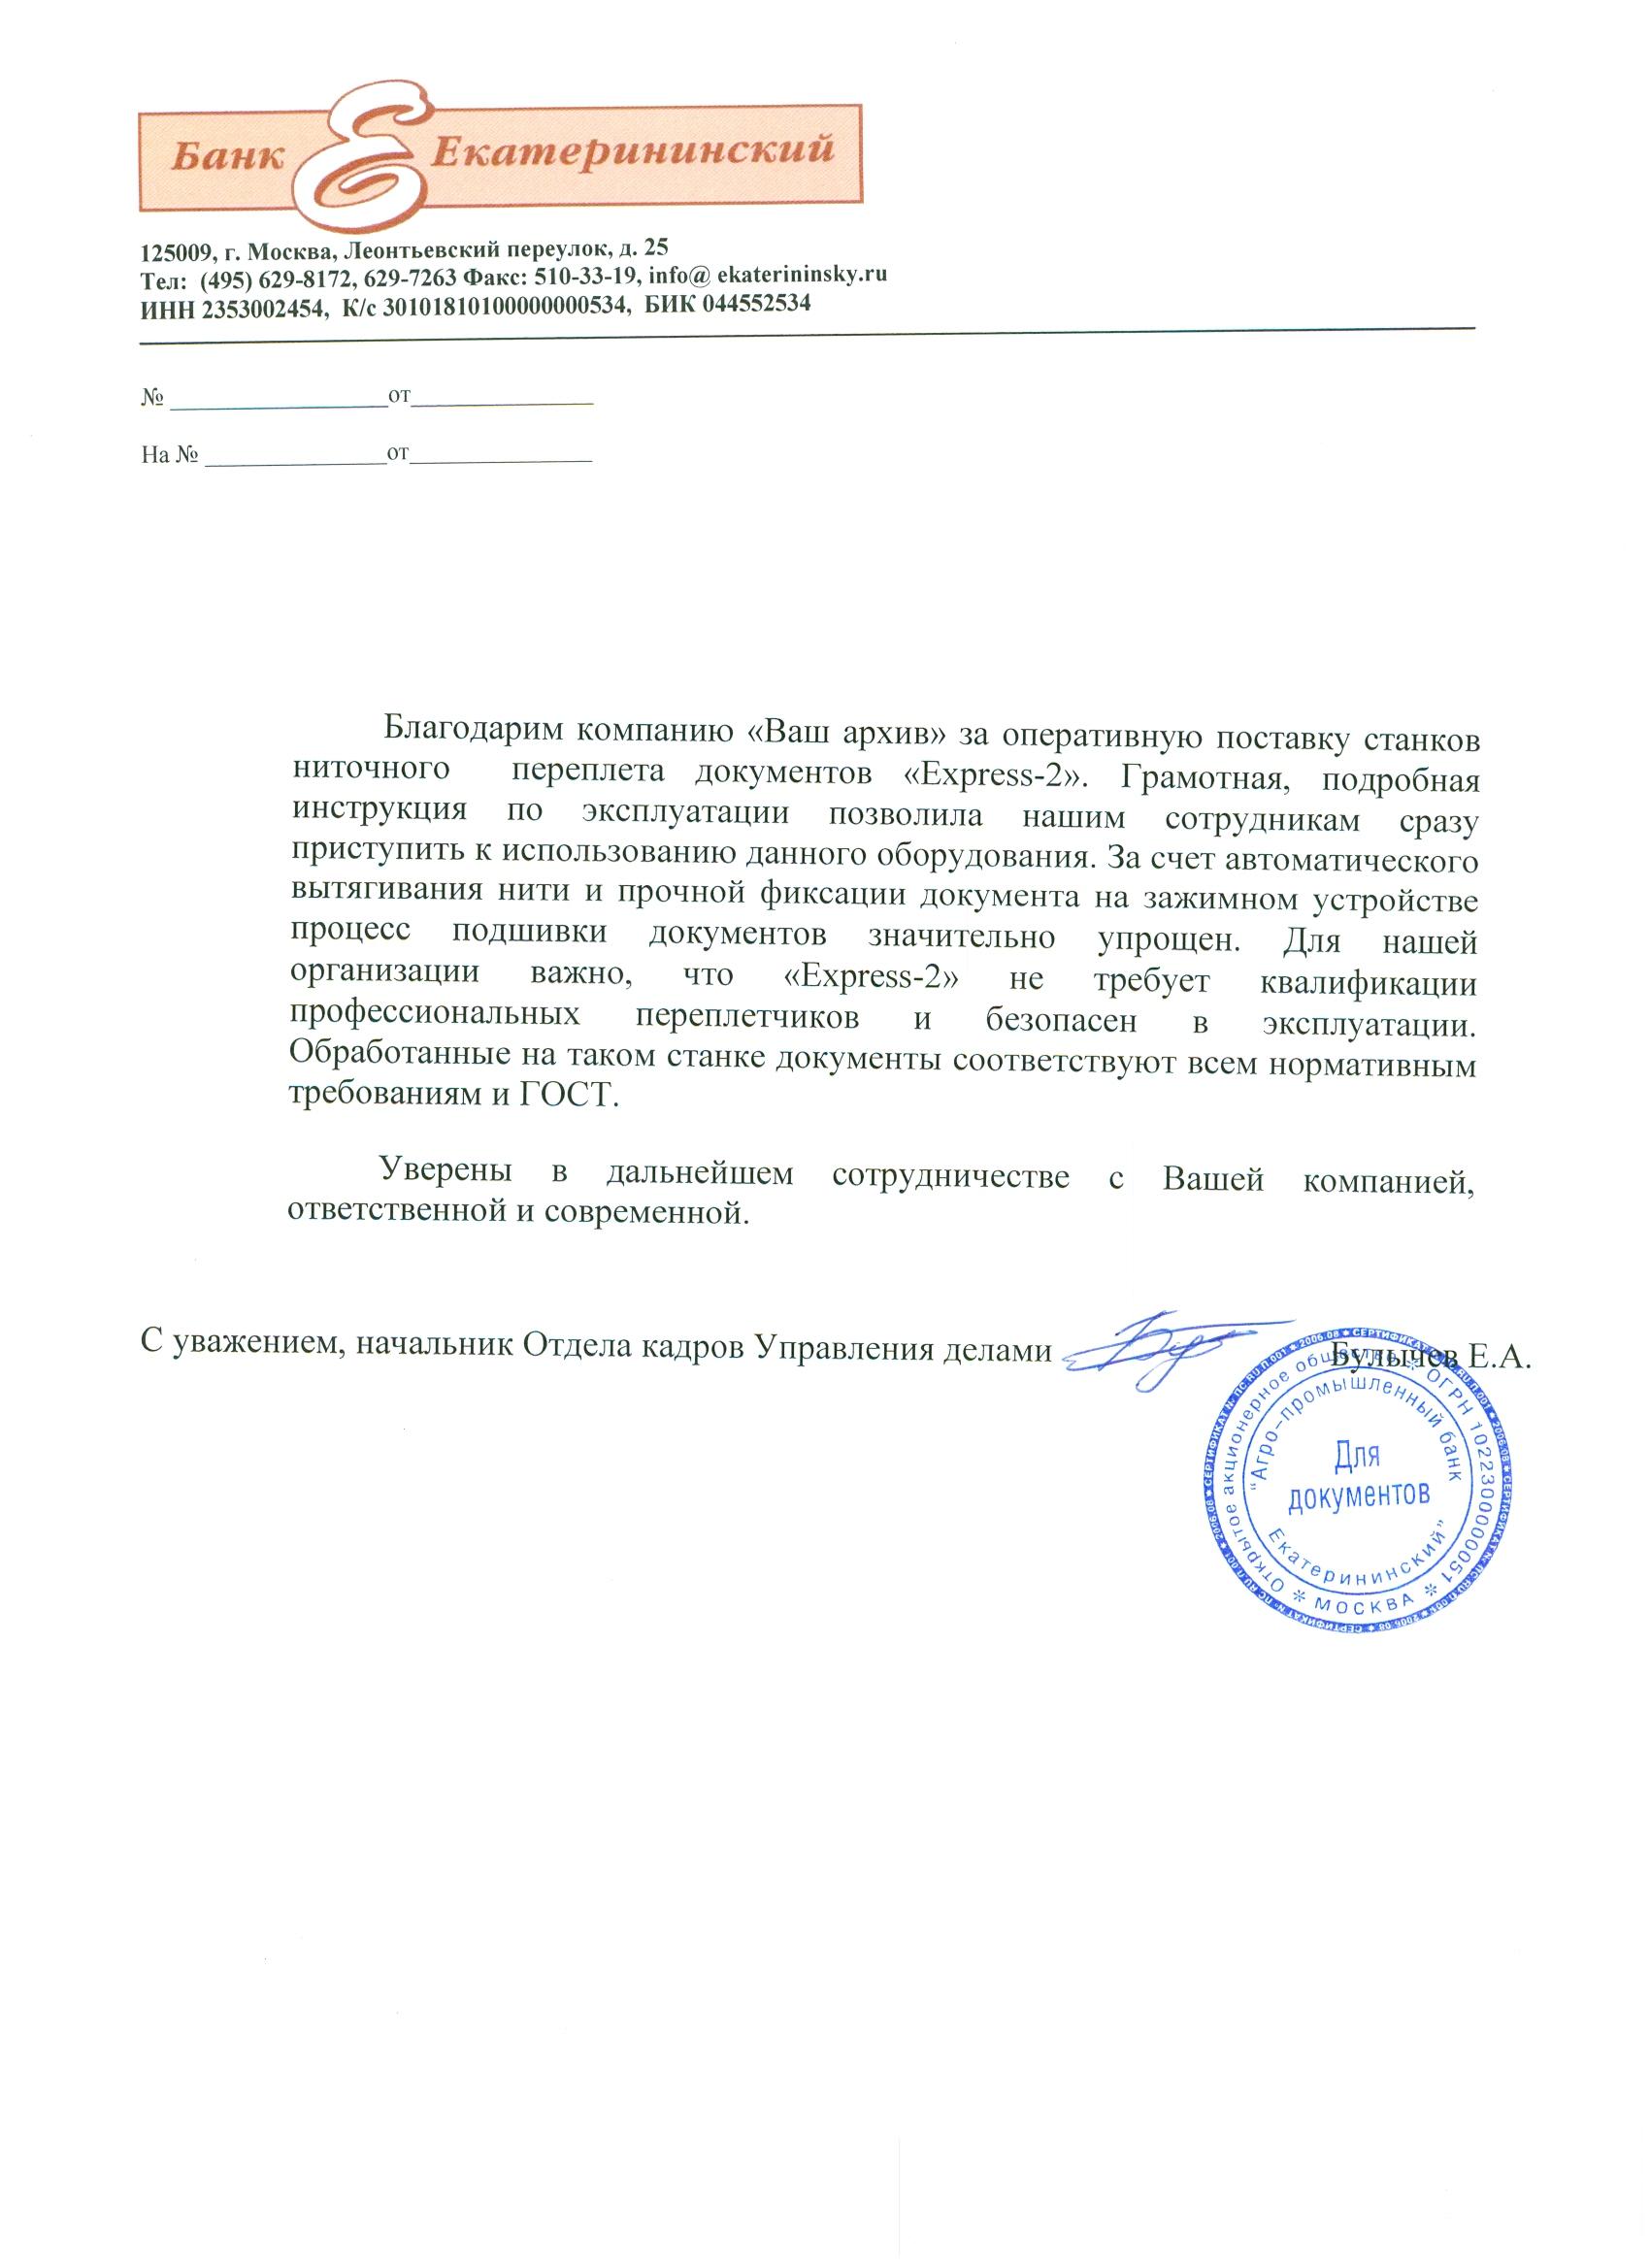 Банк Екатерининский